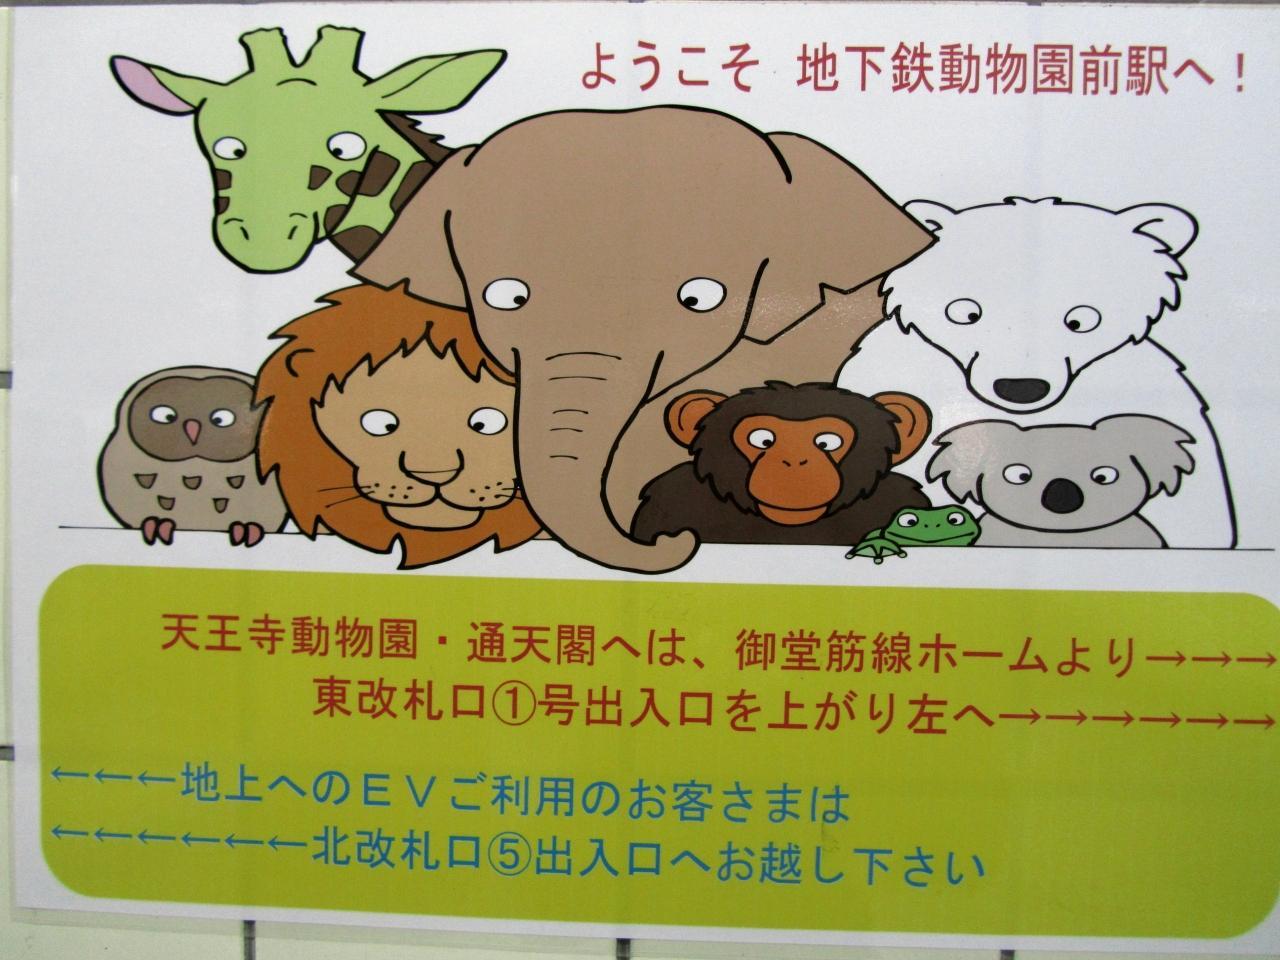 2泊2日の関西遠征~レッサーパンダのキャラ・メル兄弟に会いたくて